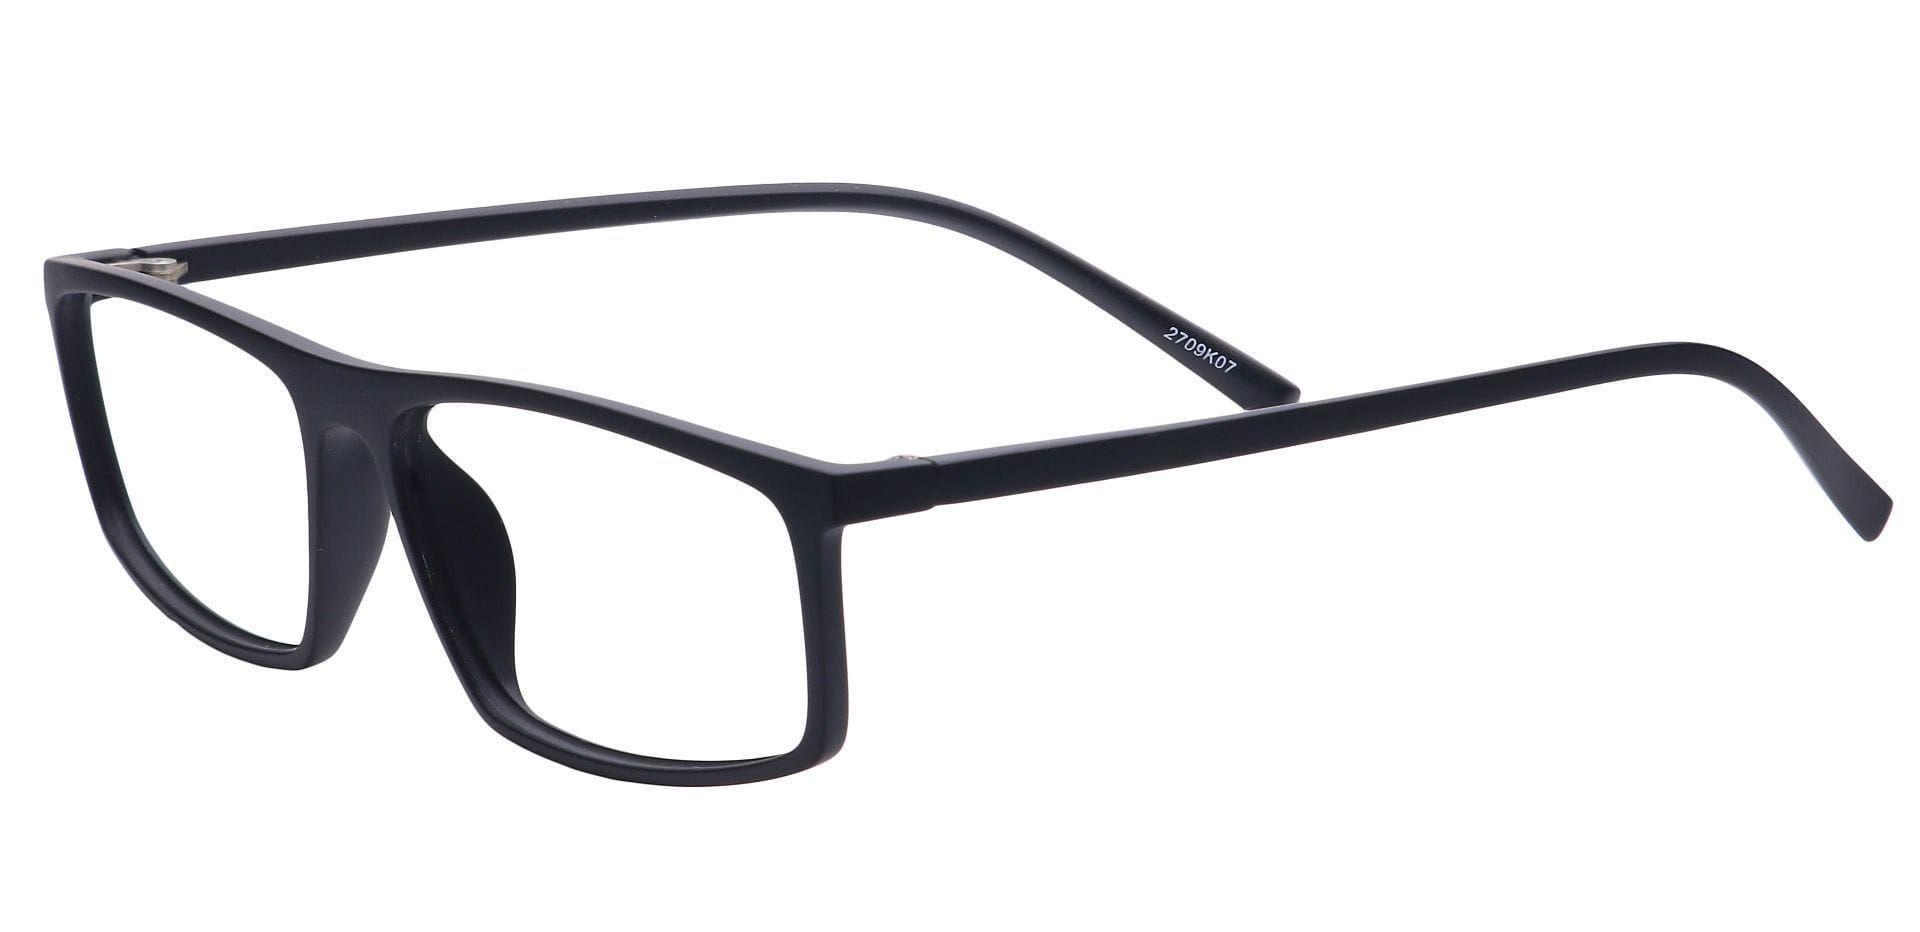 Deft Rectangle Lined Bifocal Glasses - Black